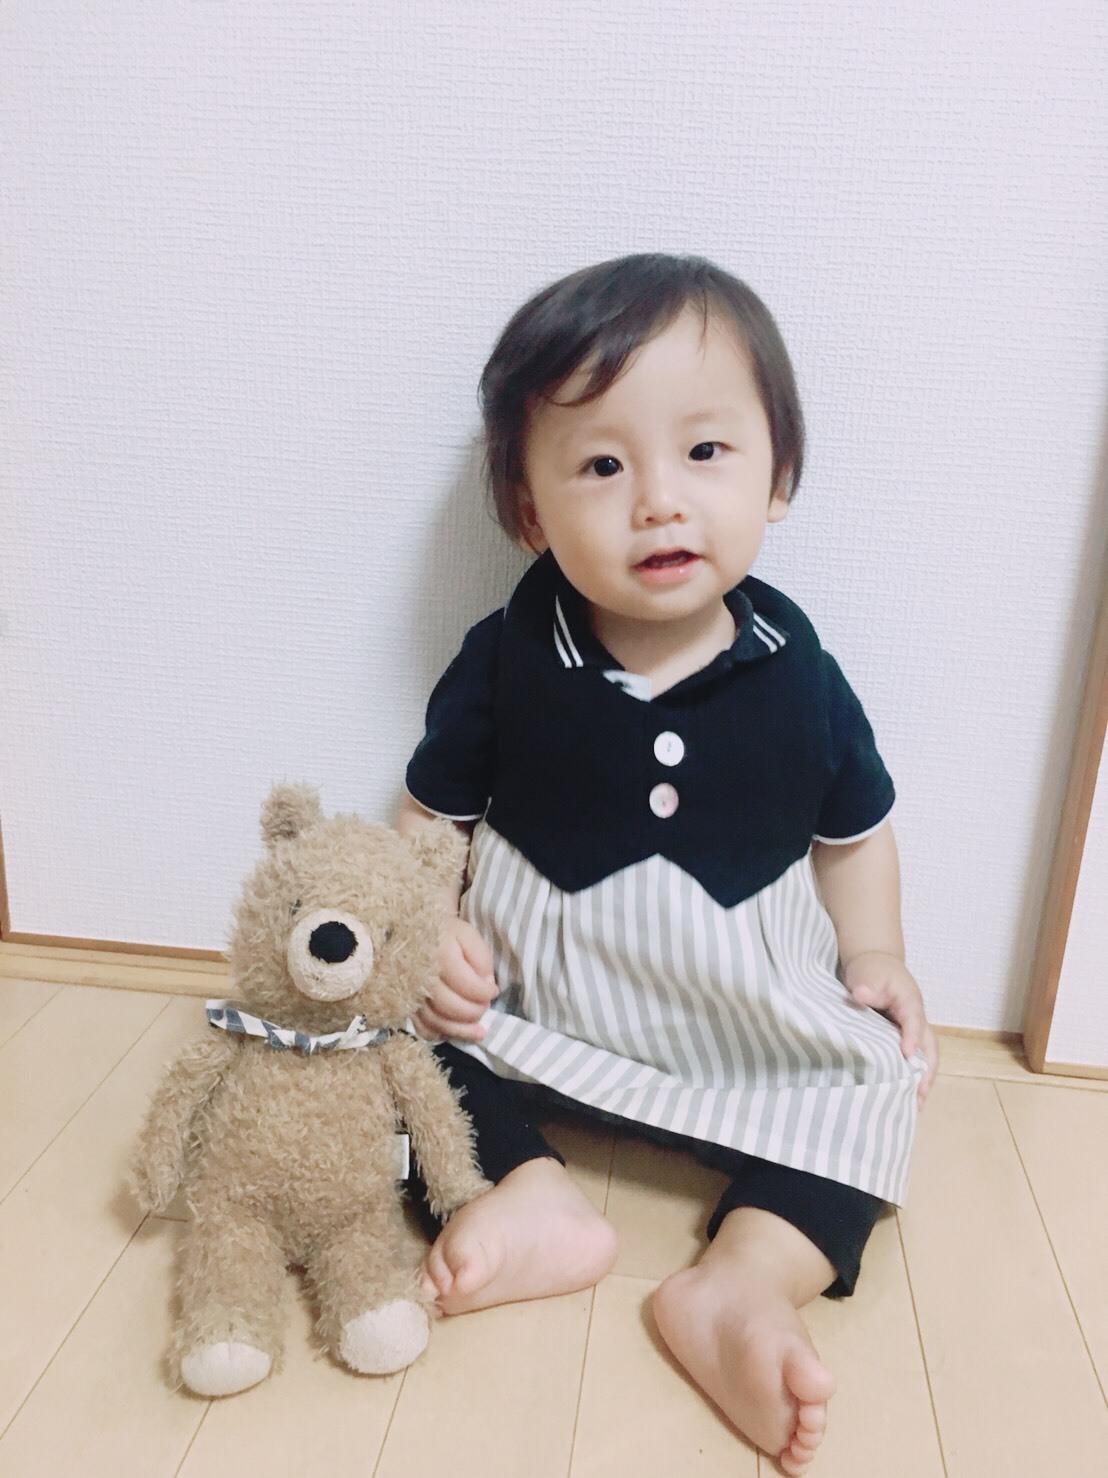 【名入れ】Baby*クマさんポケット付 ドレスエプロン(ストライプグレー)